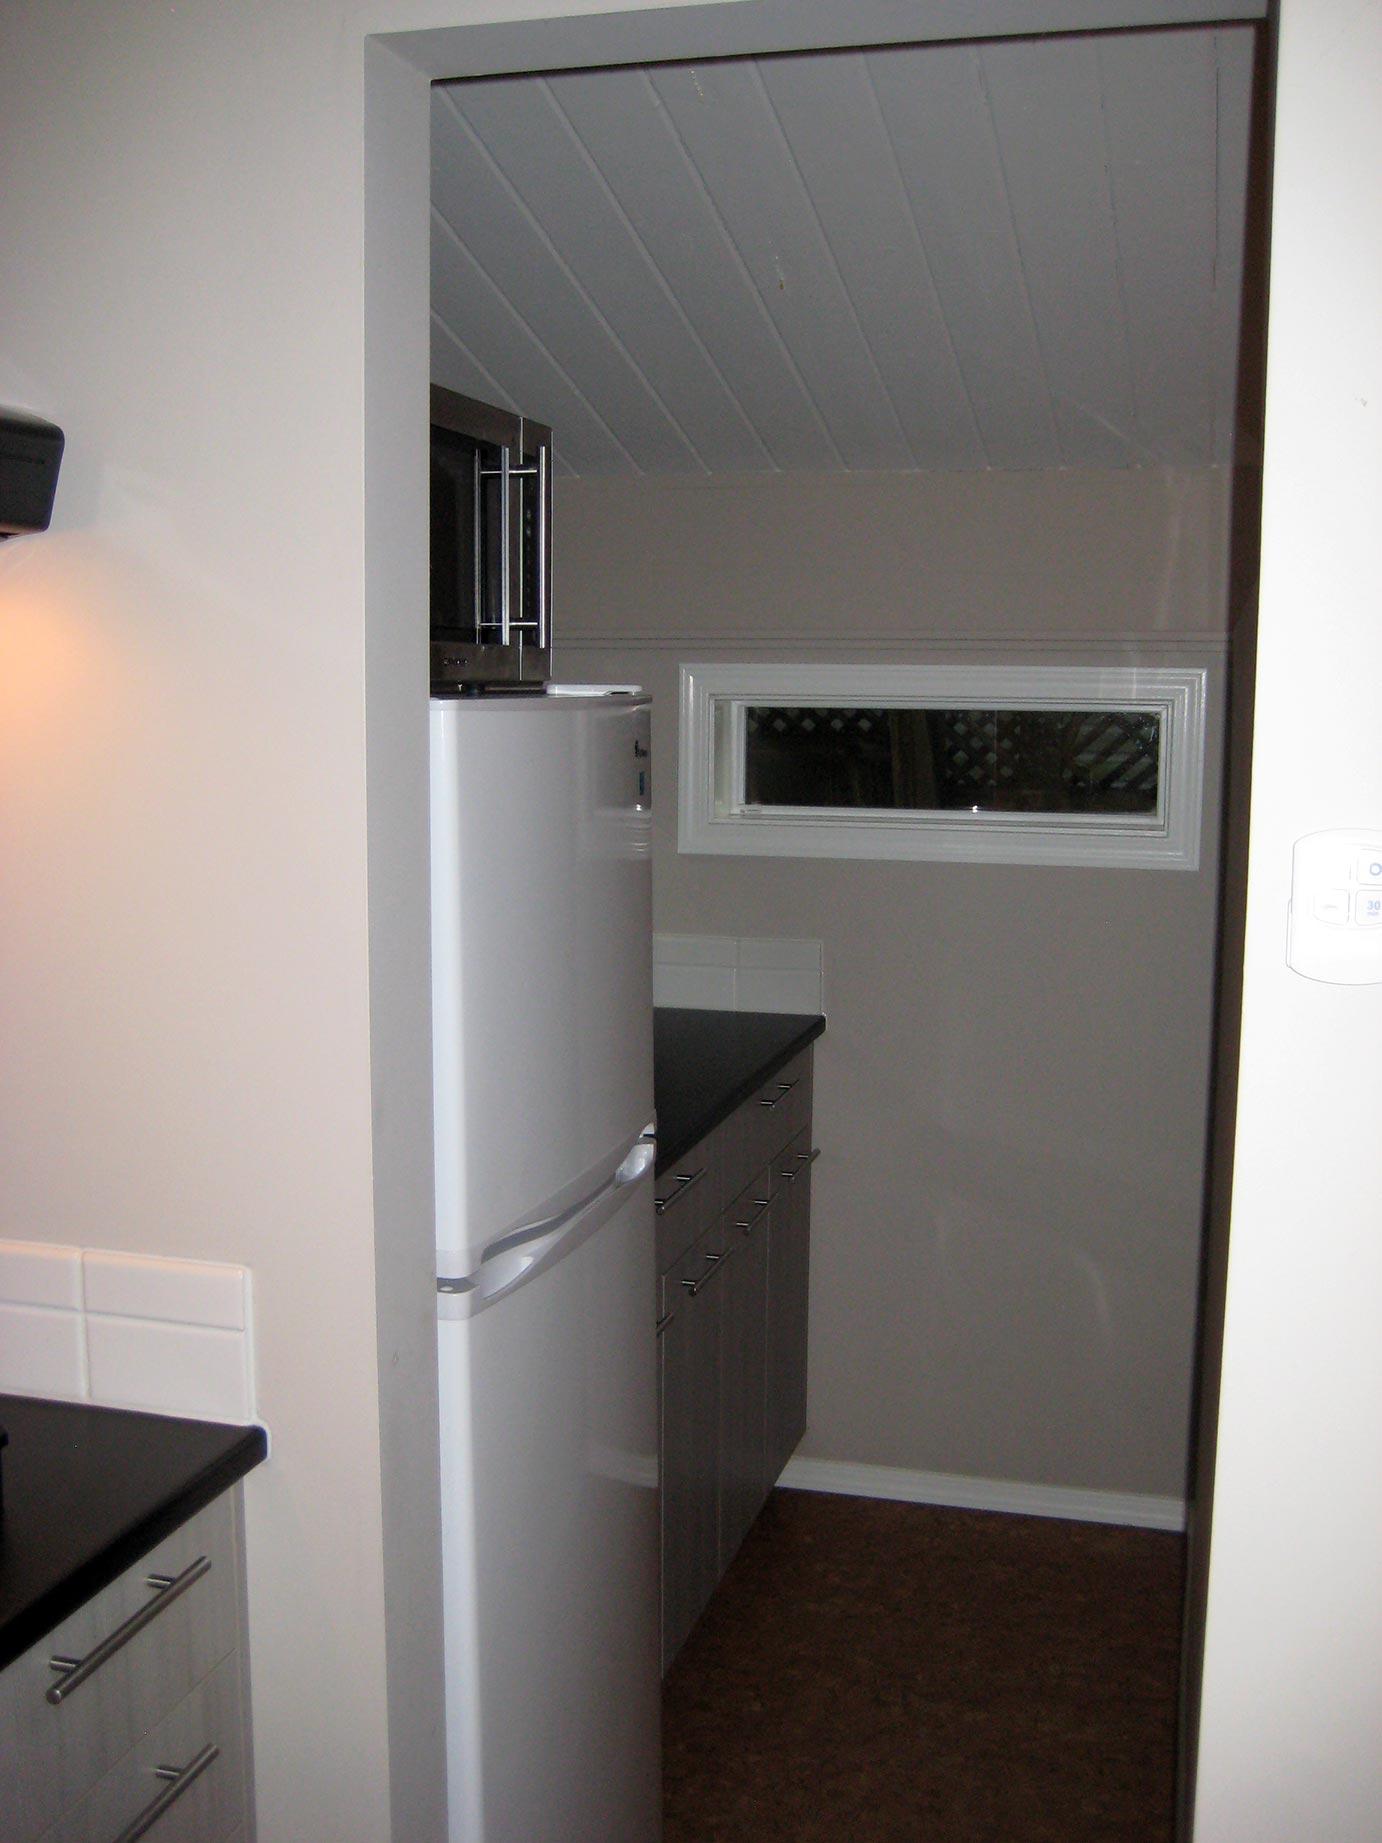 Kitchen View & Fridge